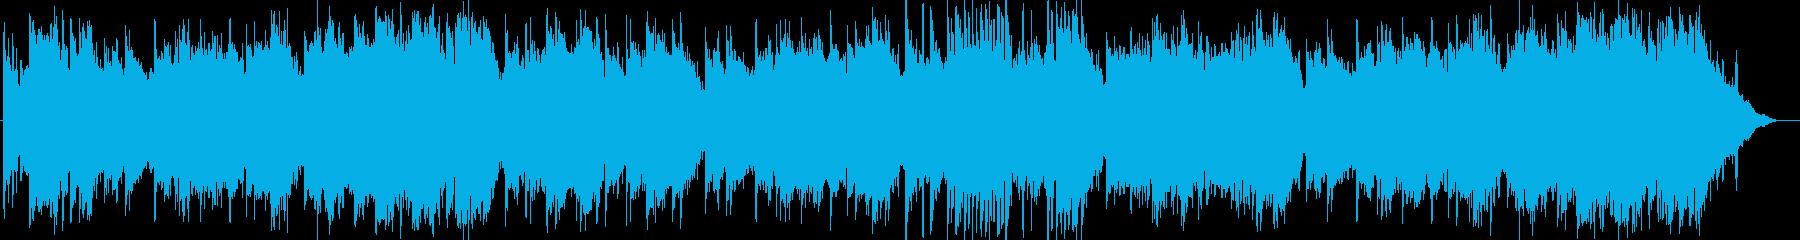 田園風イメージのスローワルツの再生済みの波形